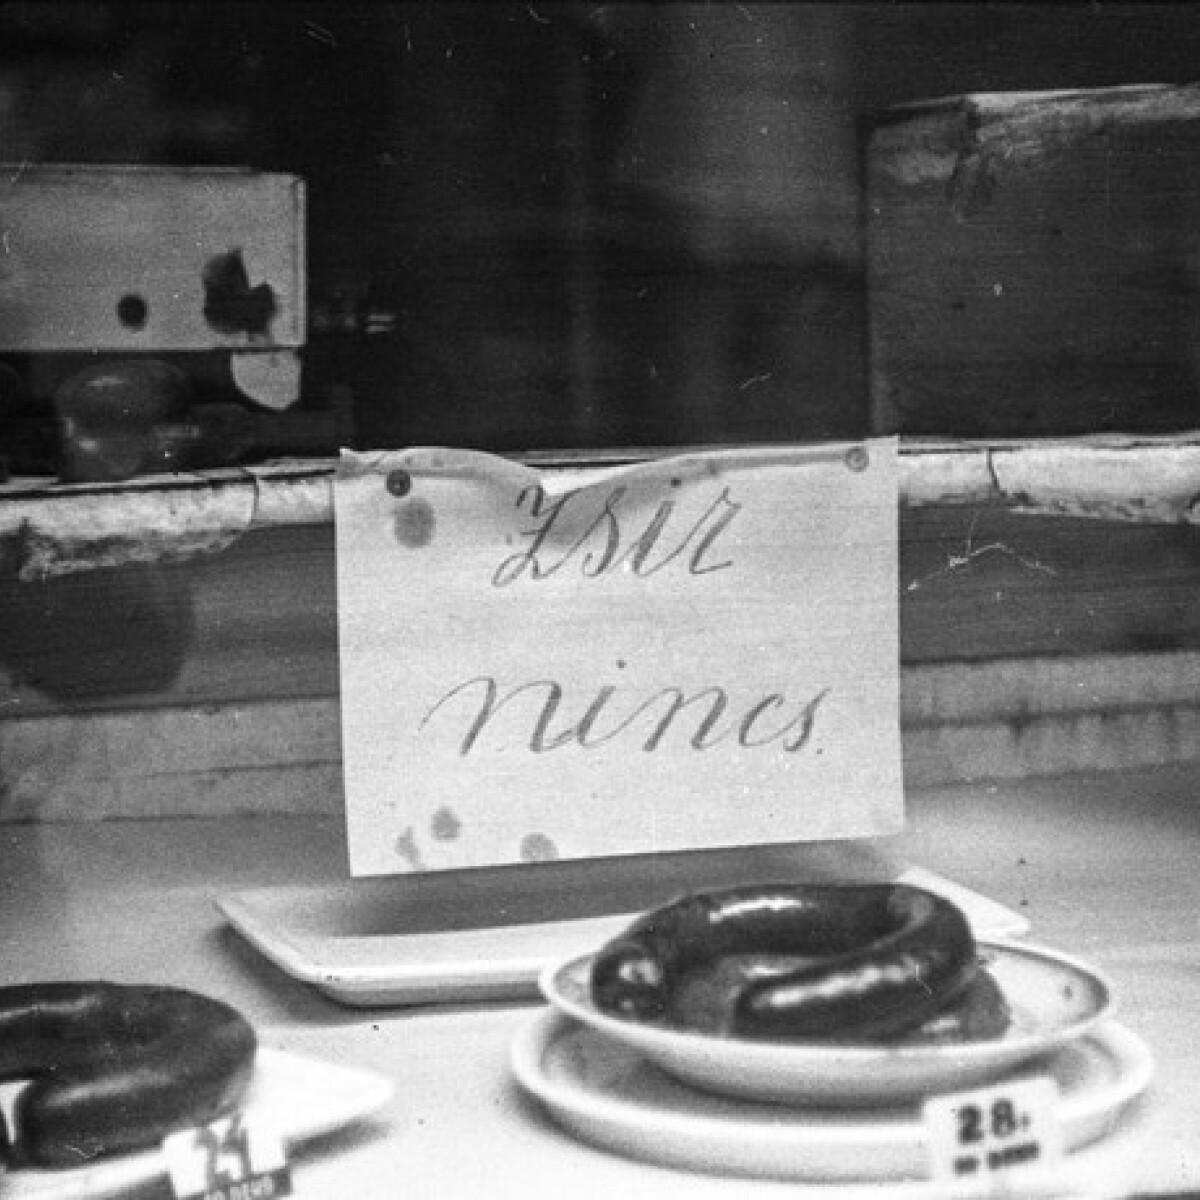 Csalánleves, cukros kenyér és karfiolpörkölt: ezt ették nagyszüleink a világháború alatt